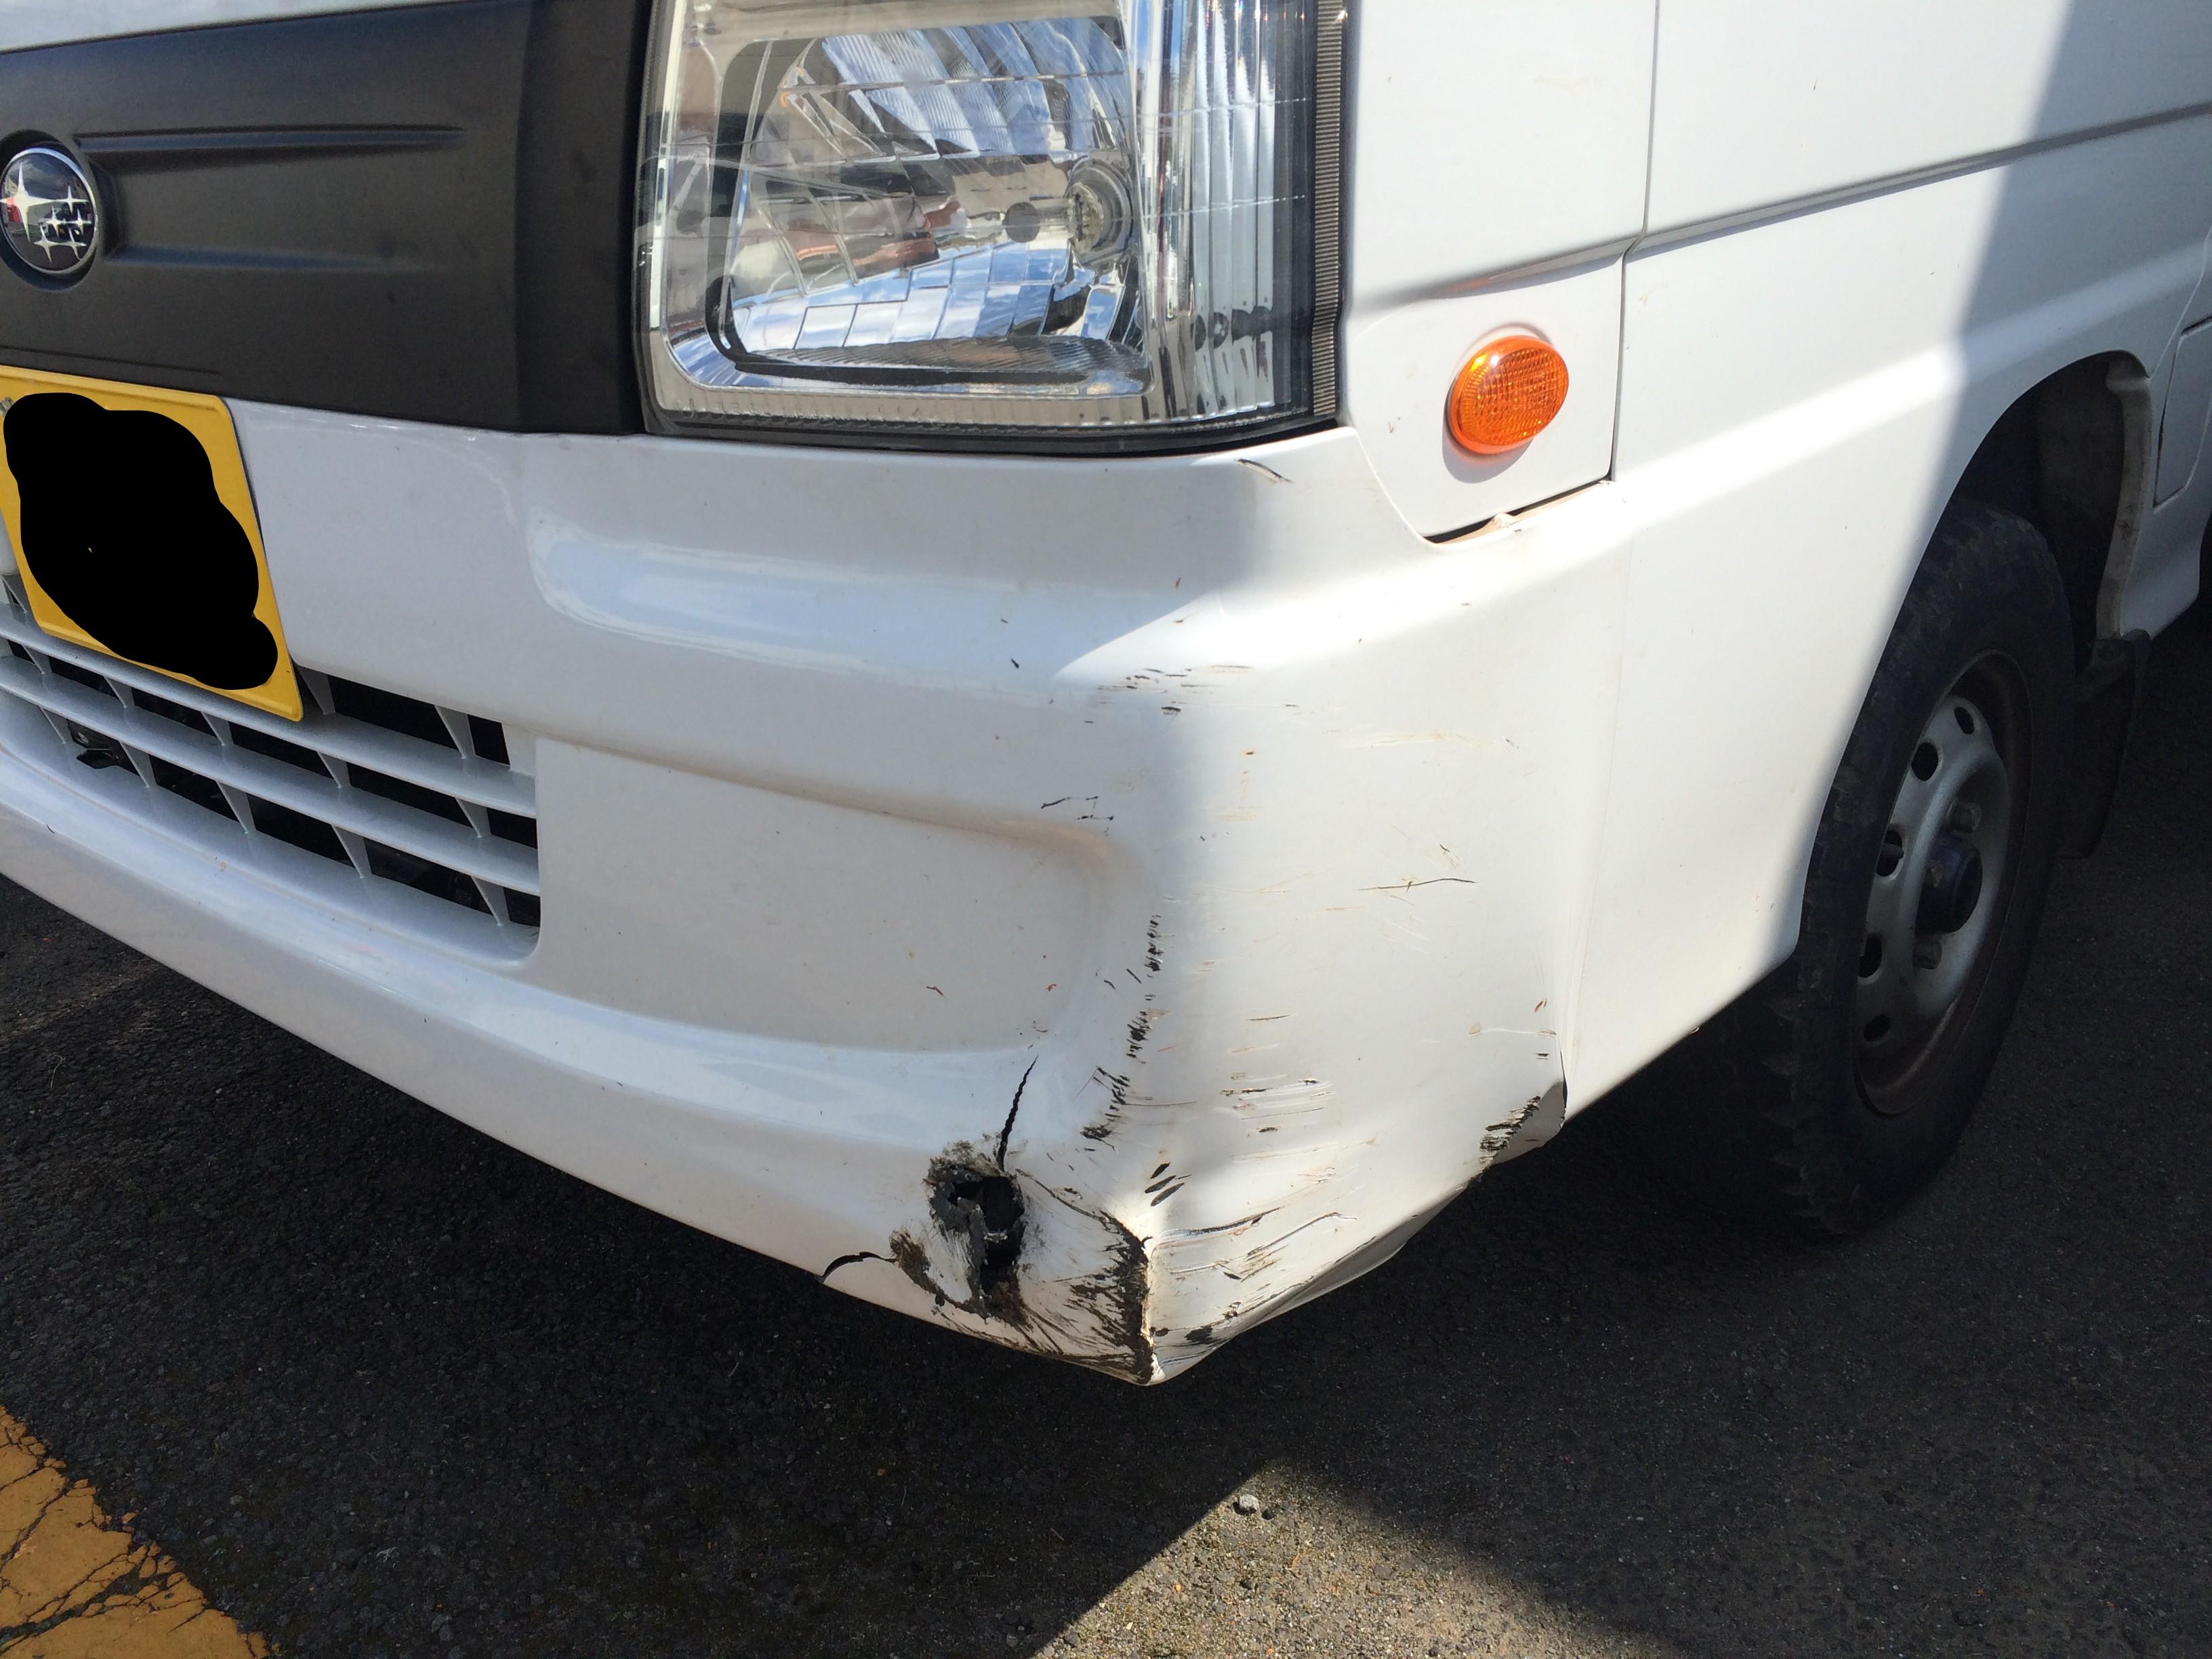 サンバー フロントをぶつけたら要注意!エンジン吹けなくなる症状